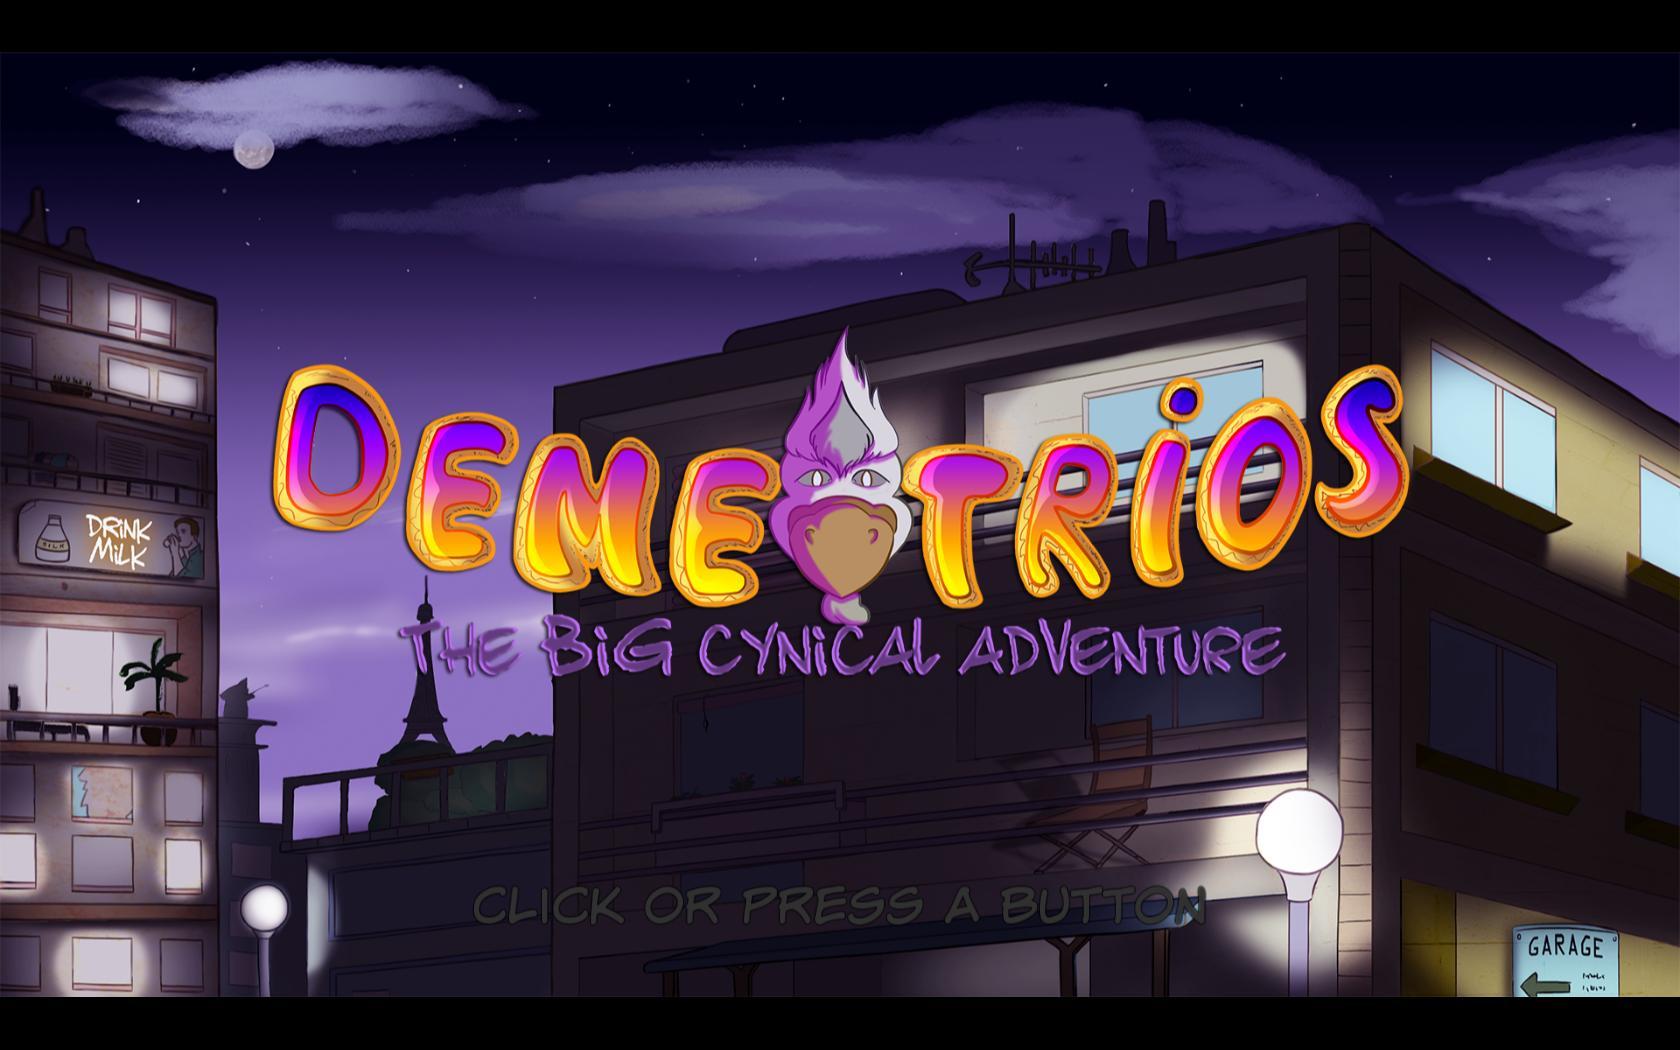 Demetrios